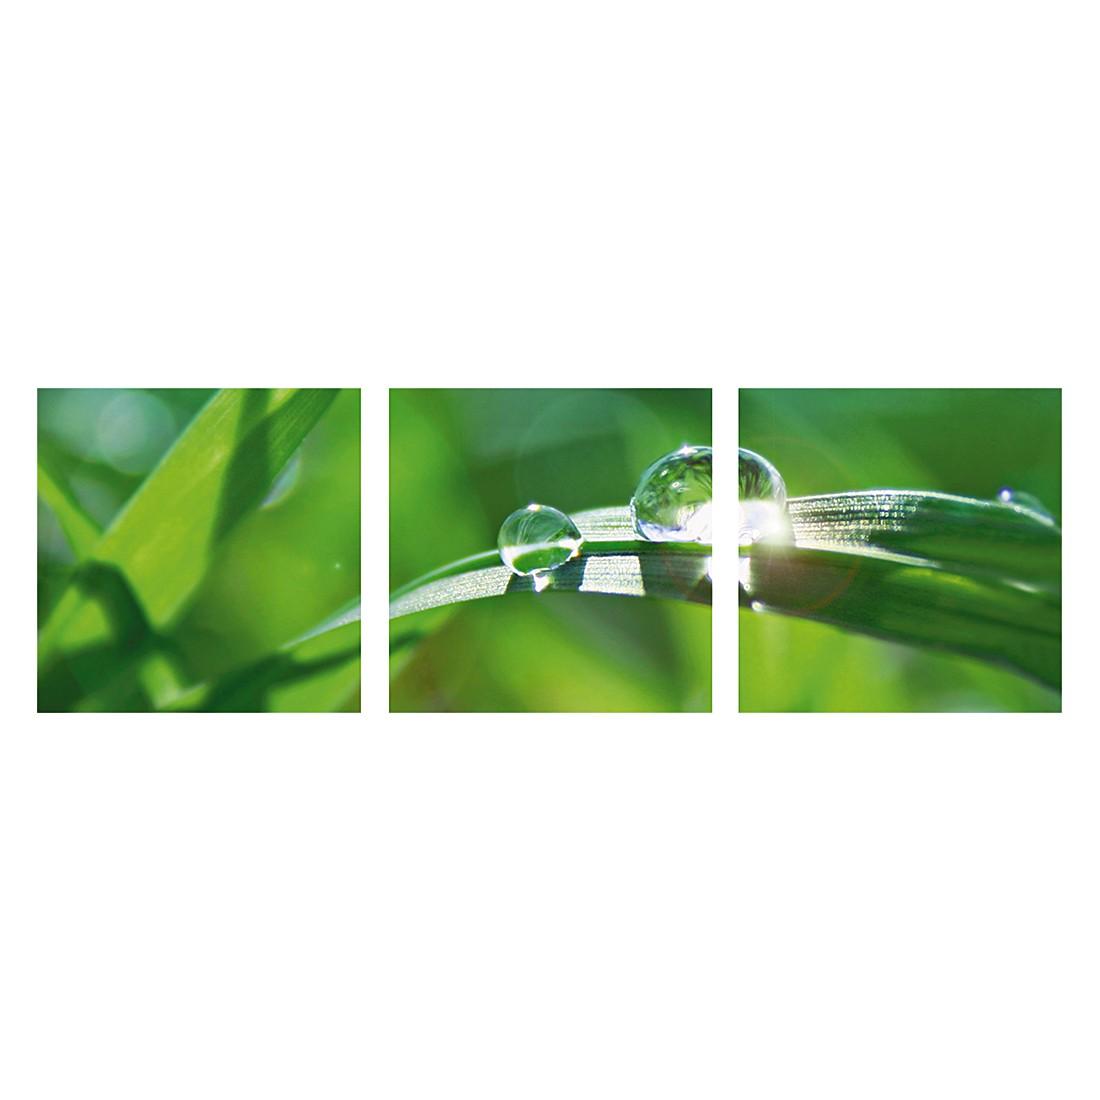 Glasbild Green Background With Grass (3er-Set) – Größe: 30 x 30 cm, Artland bestellen